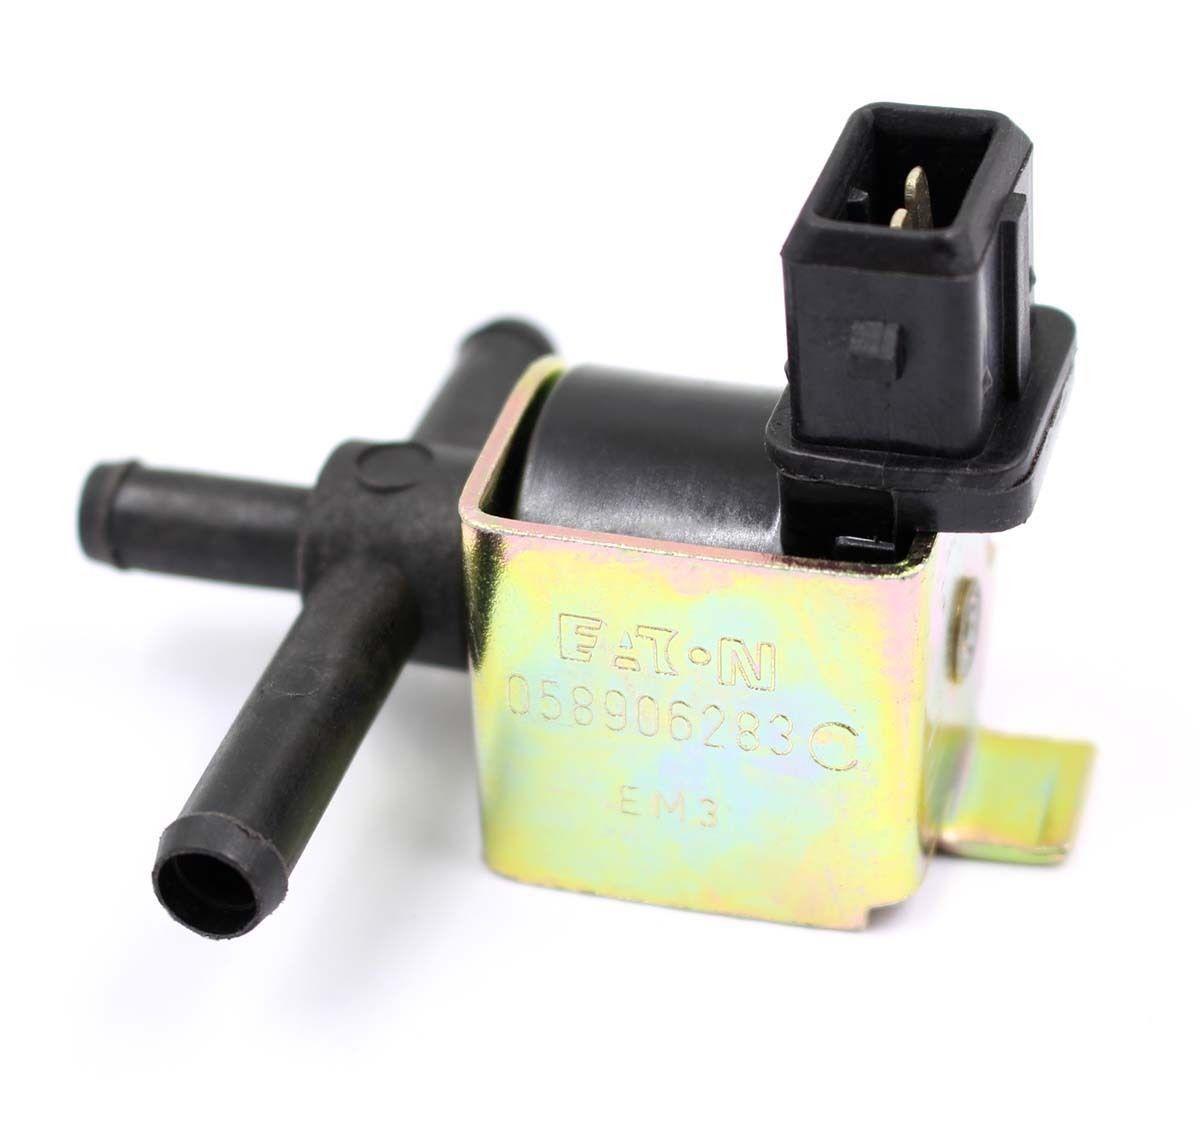 Valvula De Pressao De Turbo N75 Gol 1.0 16V Turbo 058906283C